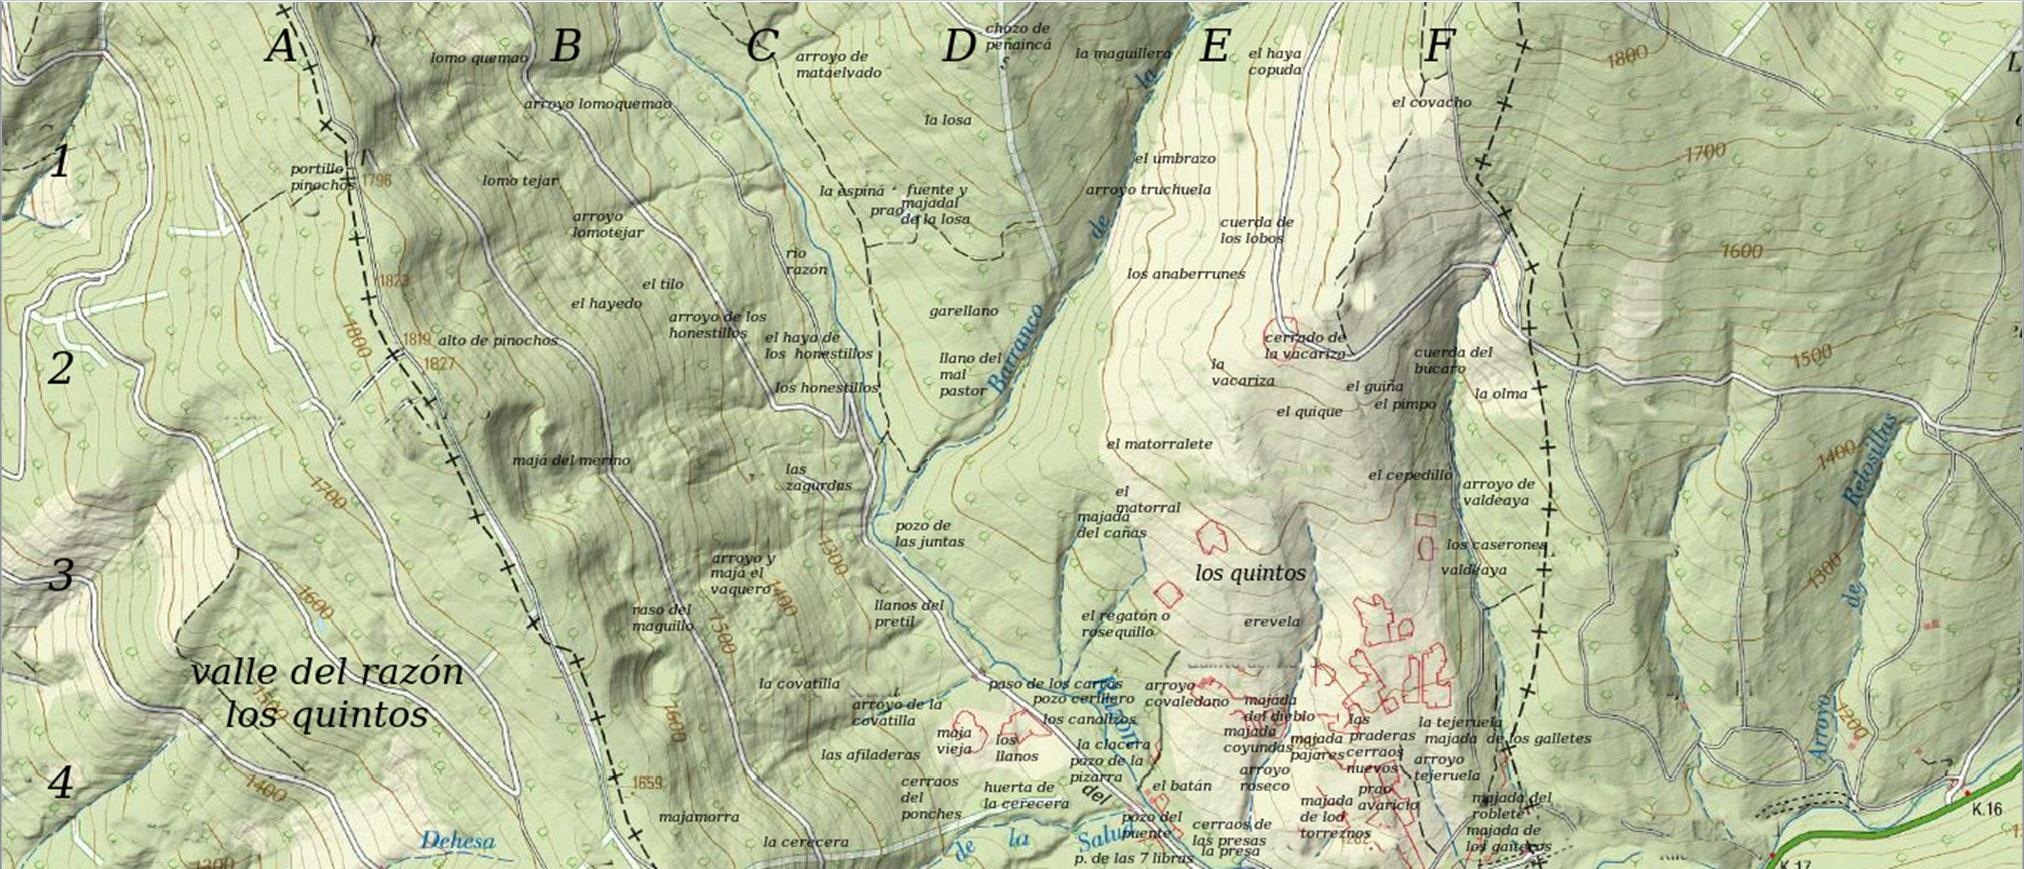 El valle del Razón; Los Quintos